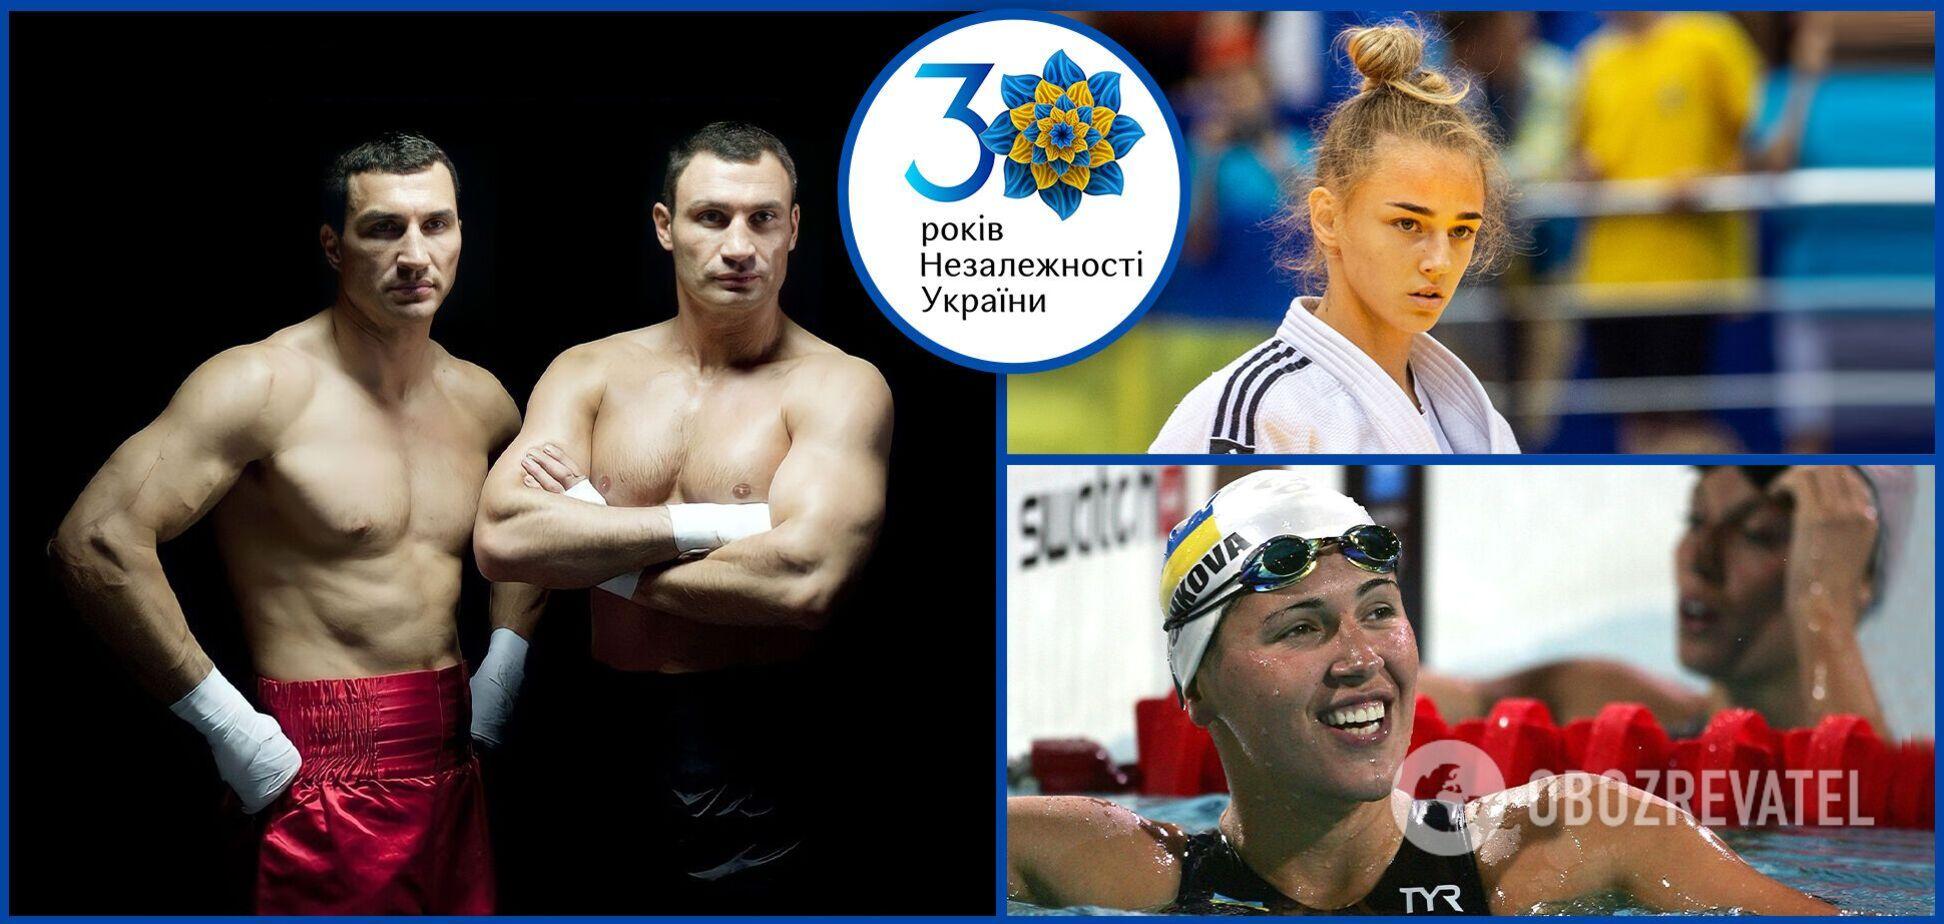 Від Кличків до Білодід: найуспішніші спортсмени незалежної України